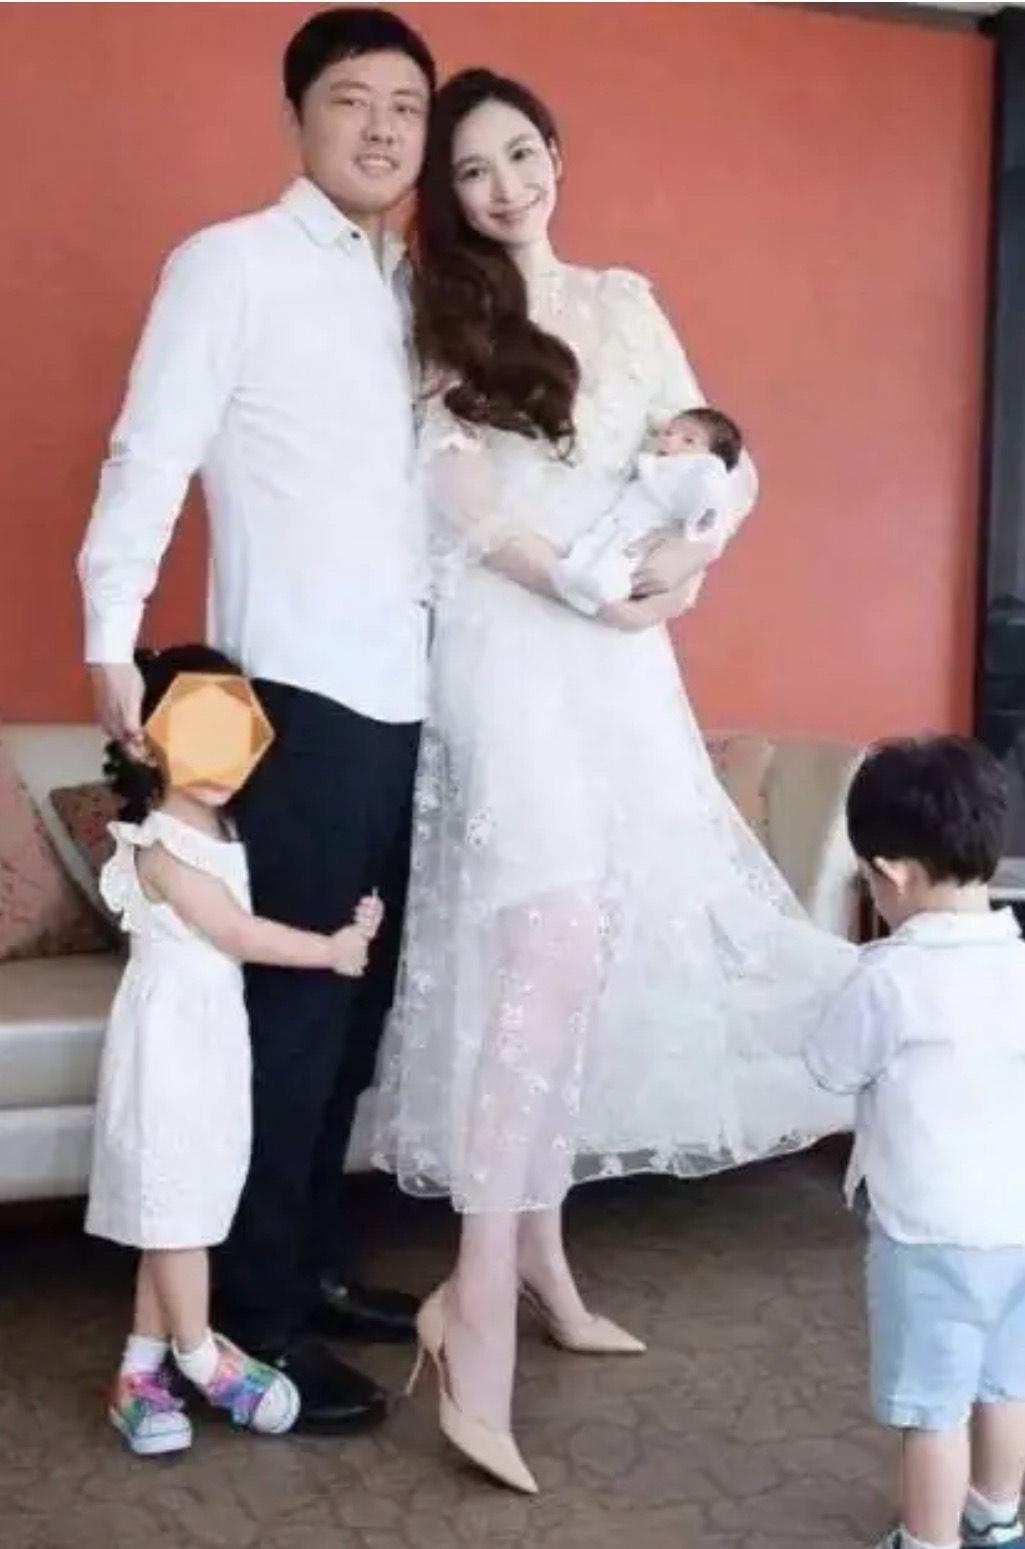 吳佩慈即便幫紀曉波生了3個小孩,肚裡還懷著第四胎,依然未獲正式名分。(翻攝自微博)